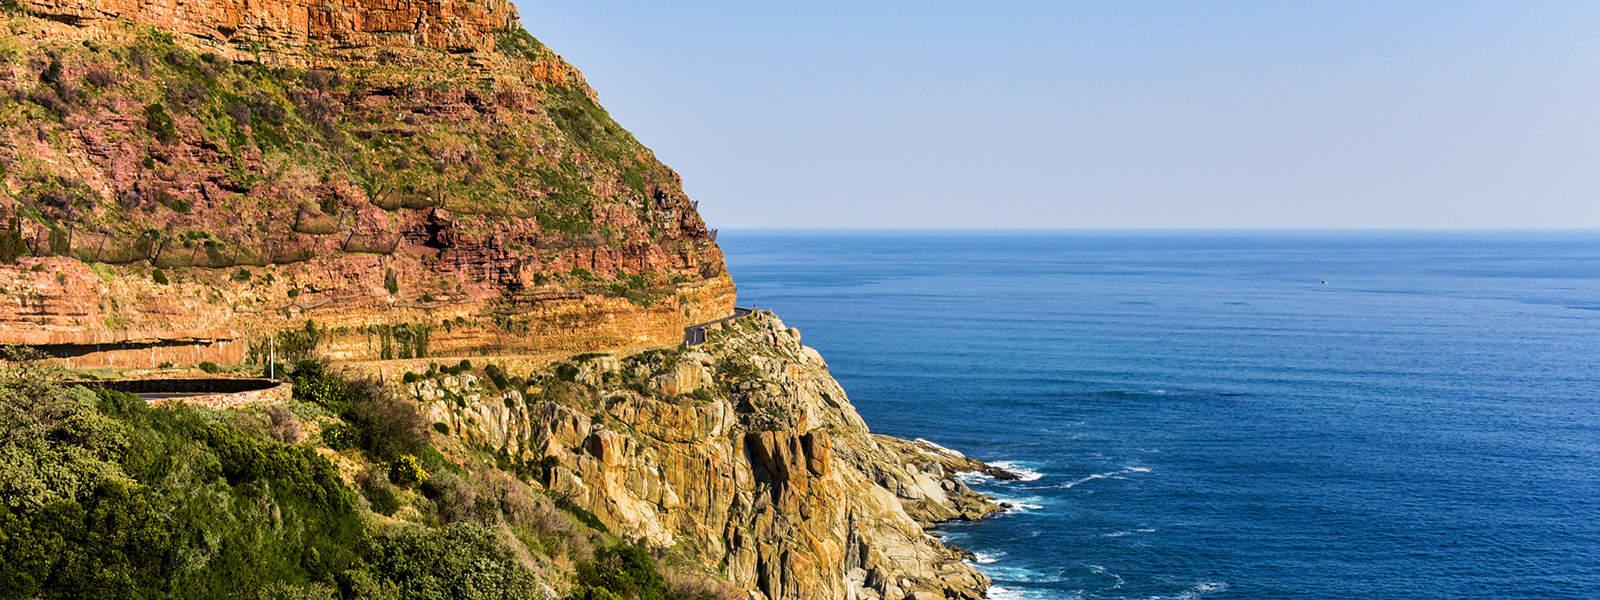 عرض سياحي الي جنوب افريقيا لمدة 10 أيام